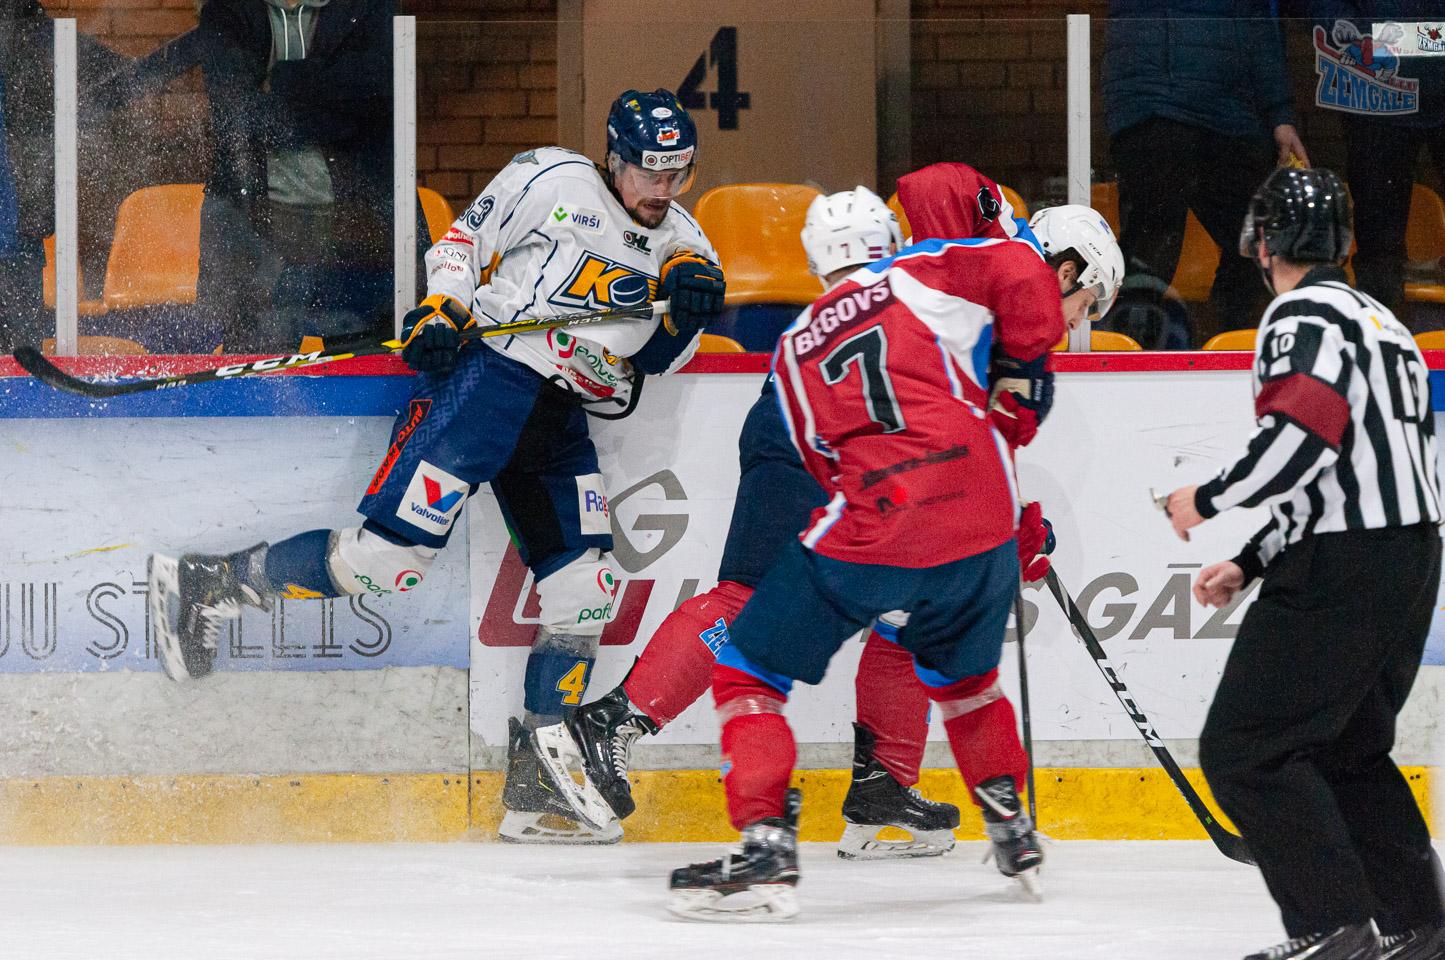 Hokejists ietriecas bortā